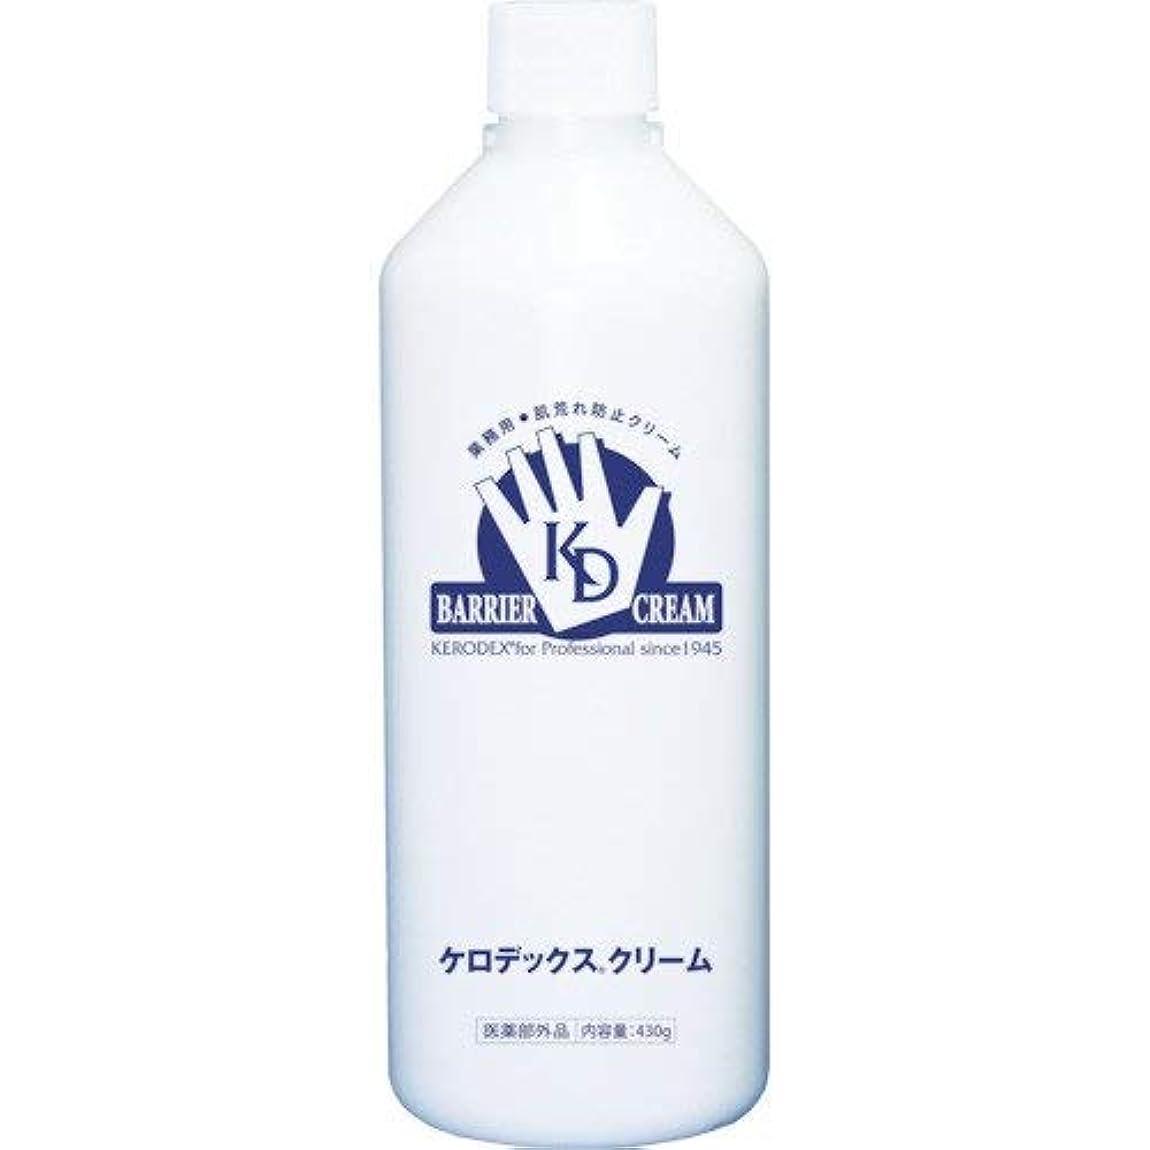 案件寄託コンセンサス【2個セット】ケロデックスクリーム ボトルタイプ 詰替用 430g